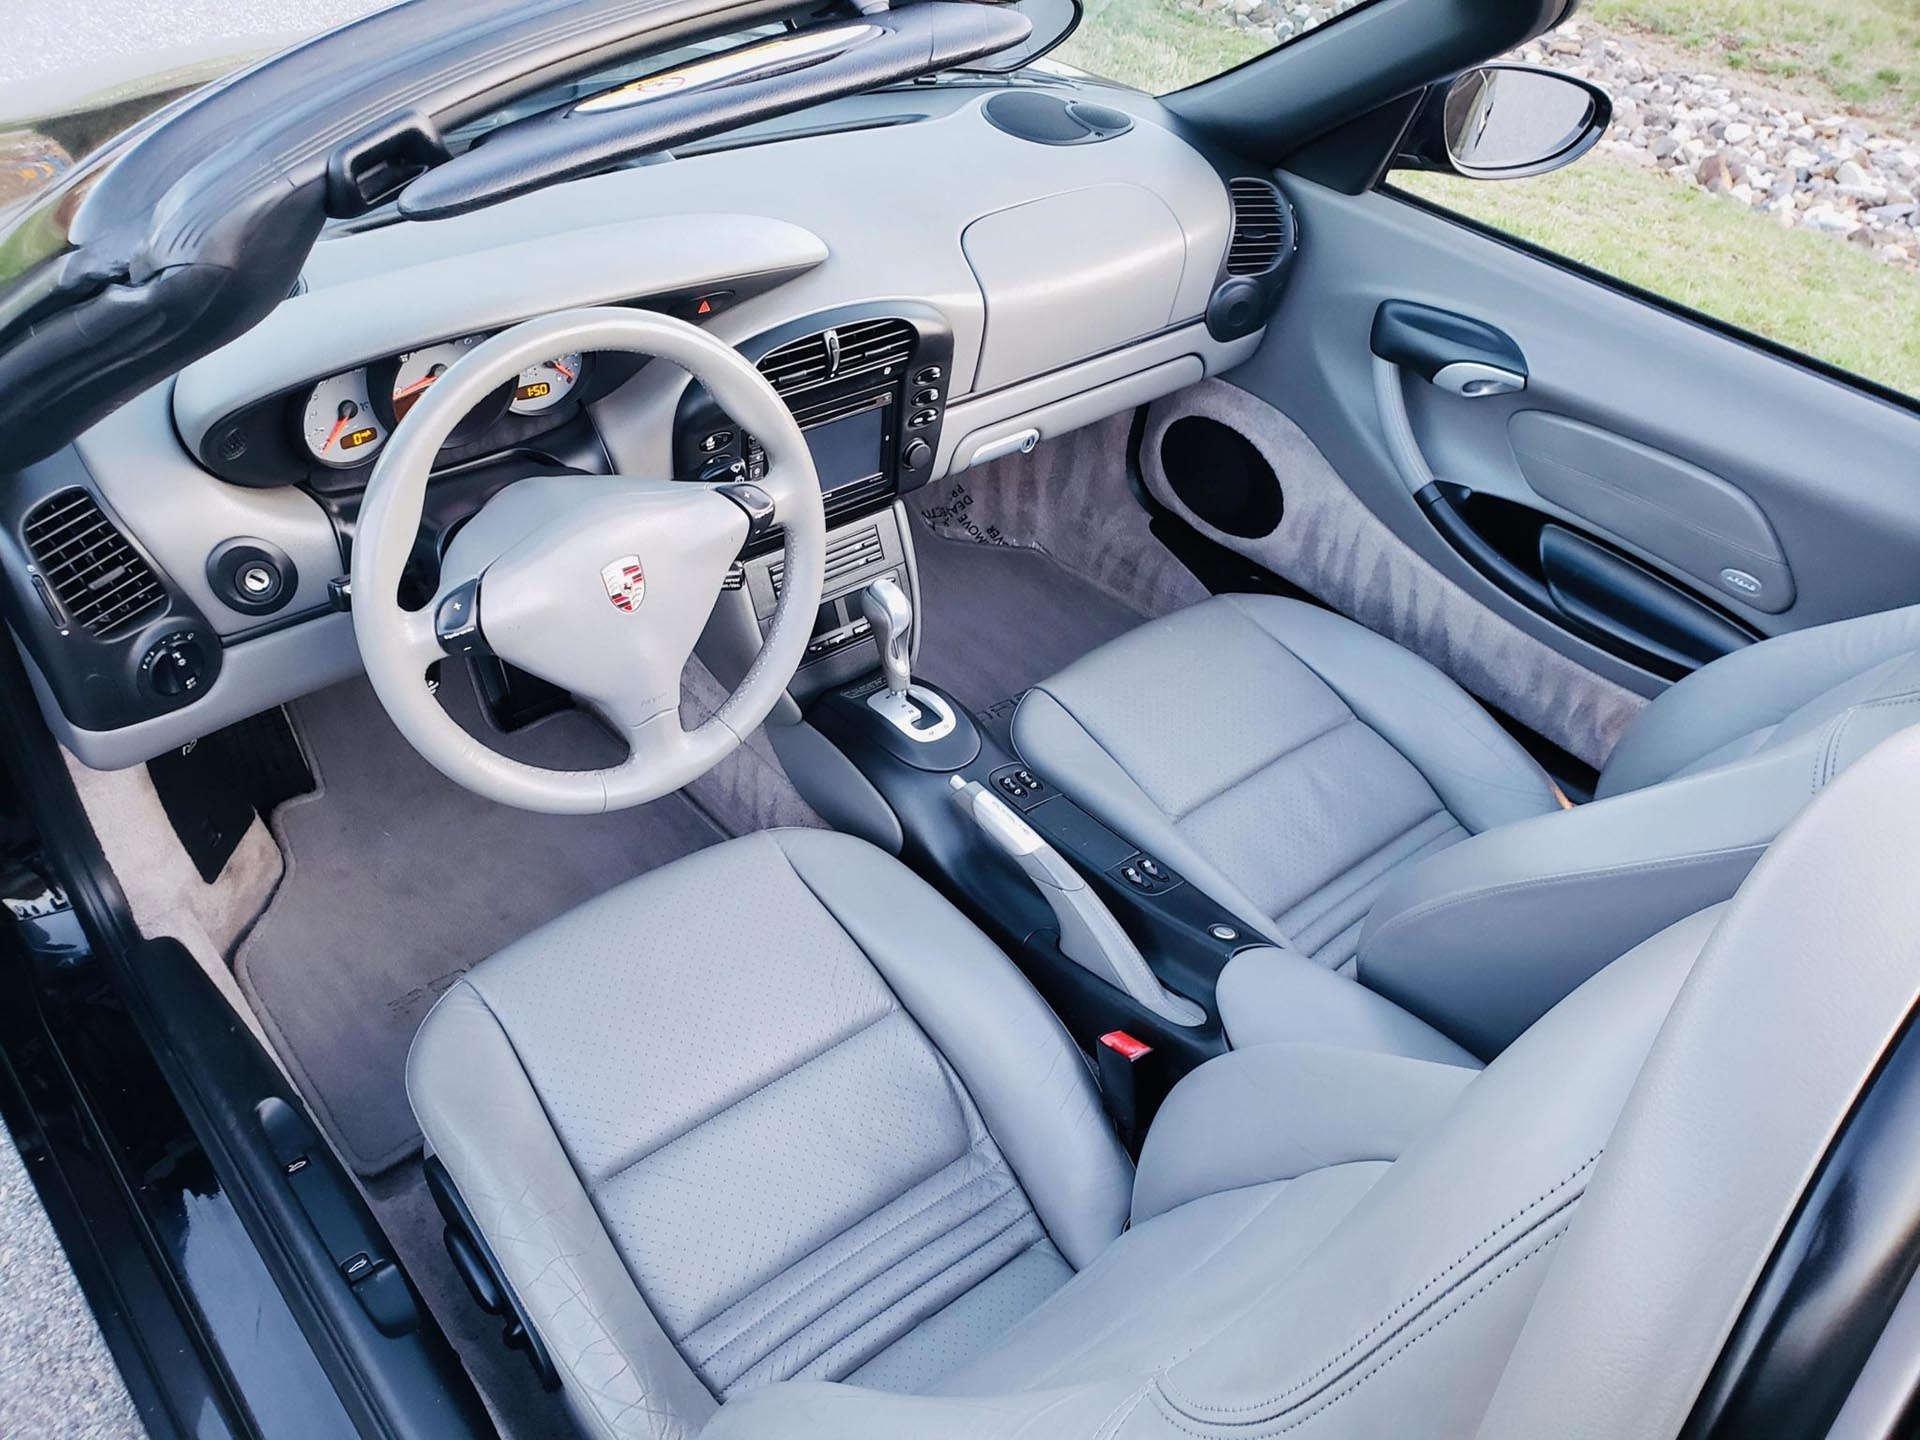 06_986 Porsche Boxster Interior